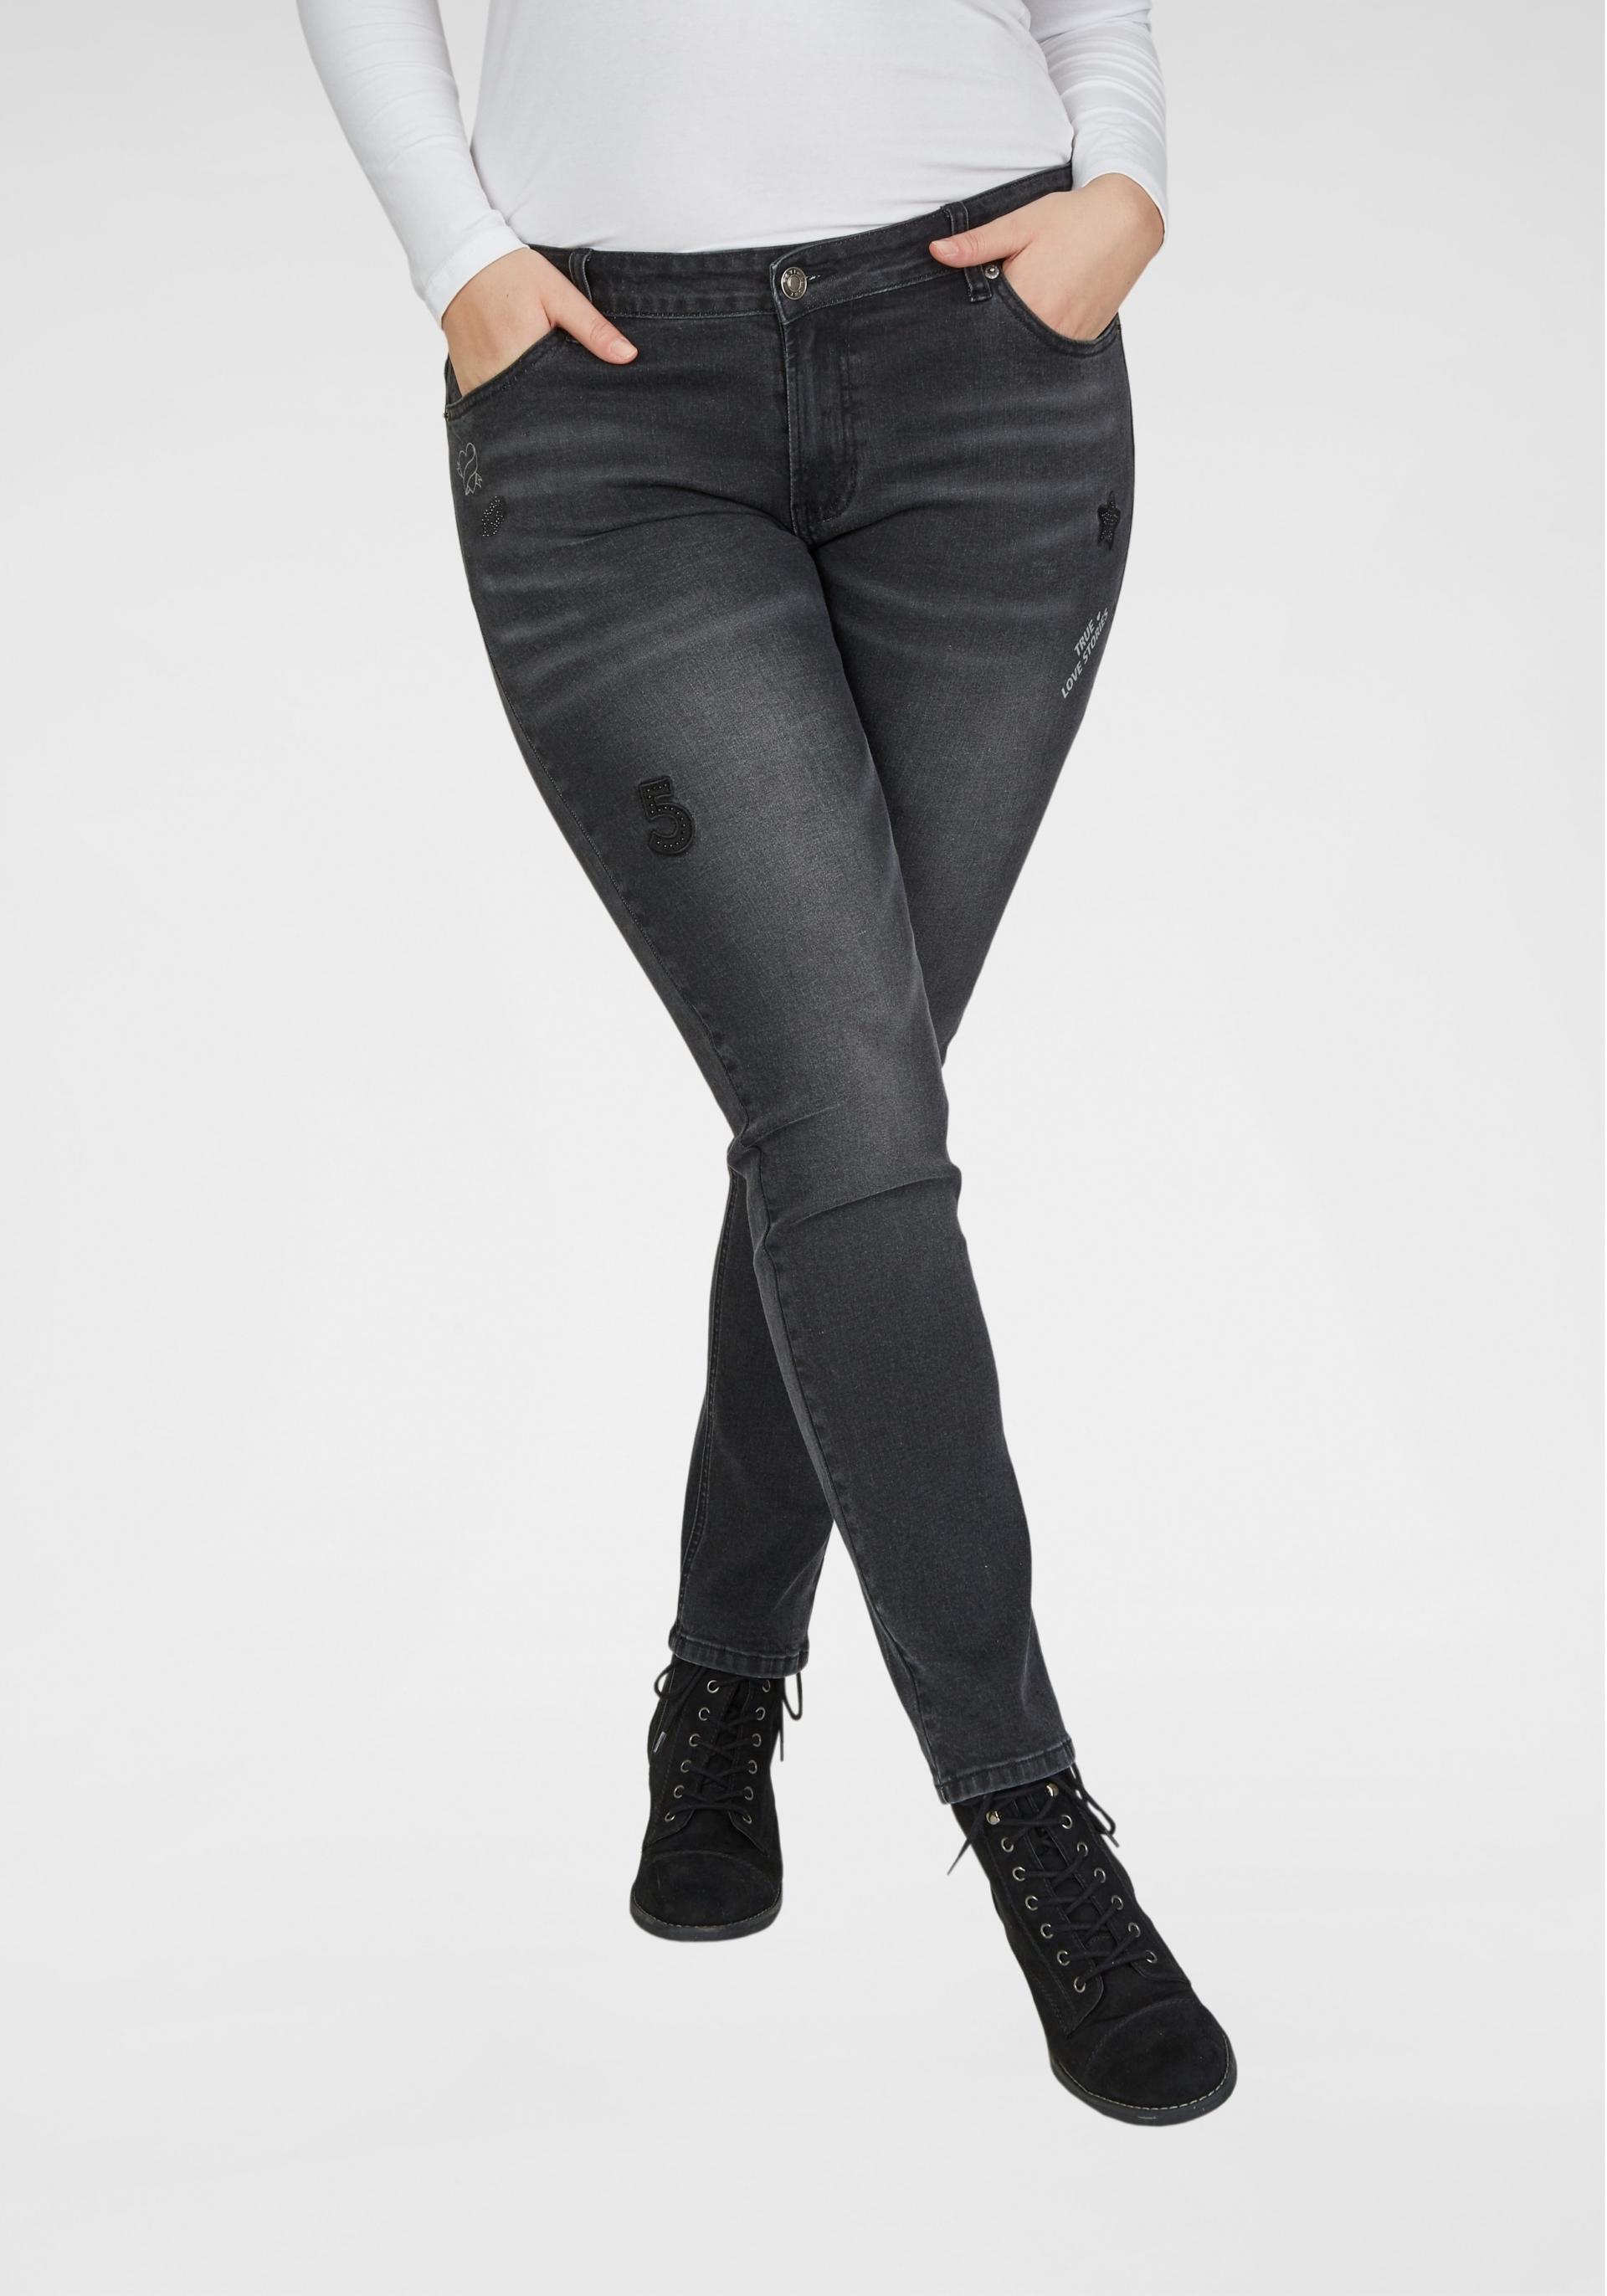 schrittlänge messen jeans